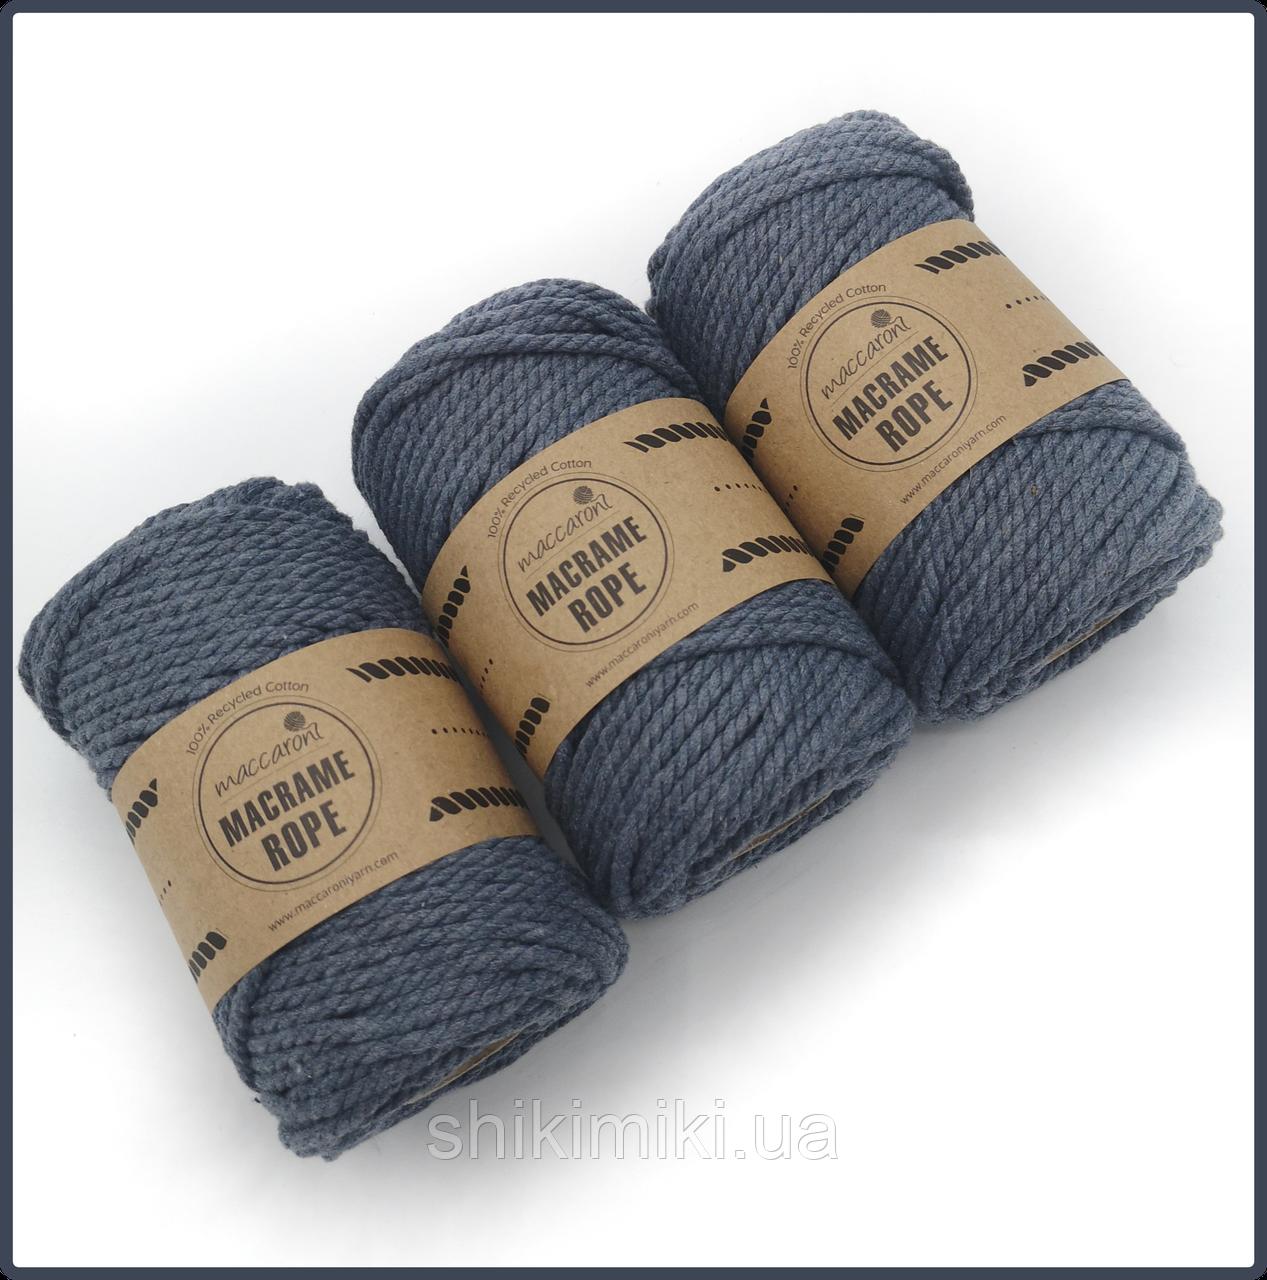 Эко шнур Macrame Rope 4mm, цвет серый джинсовый